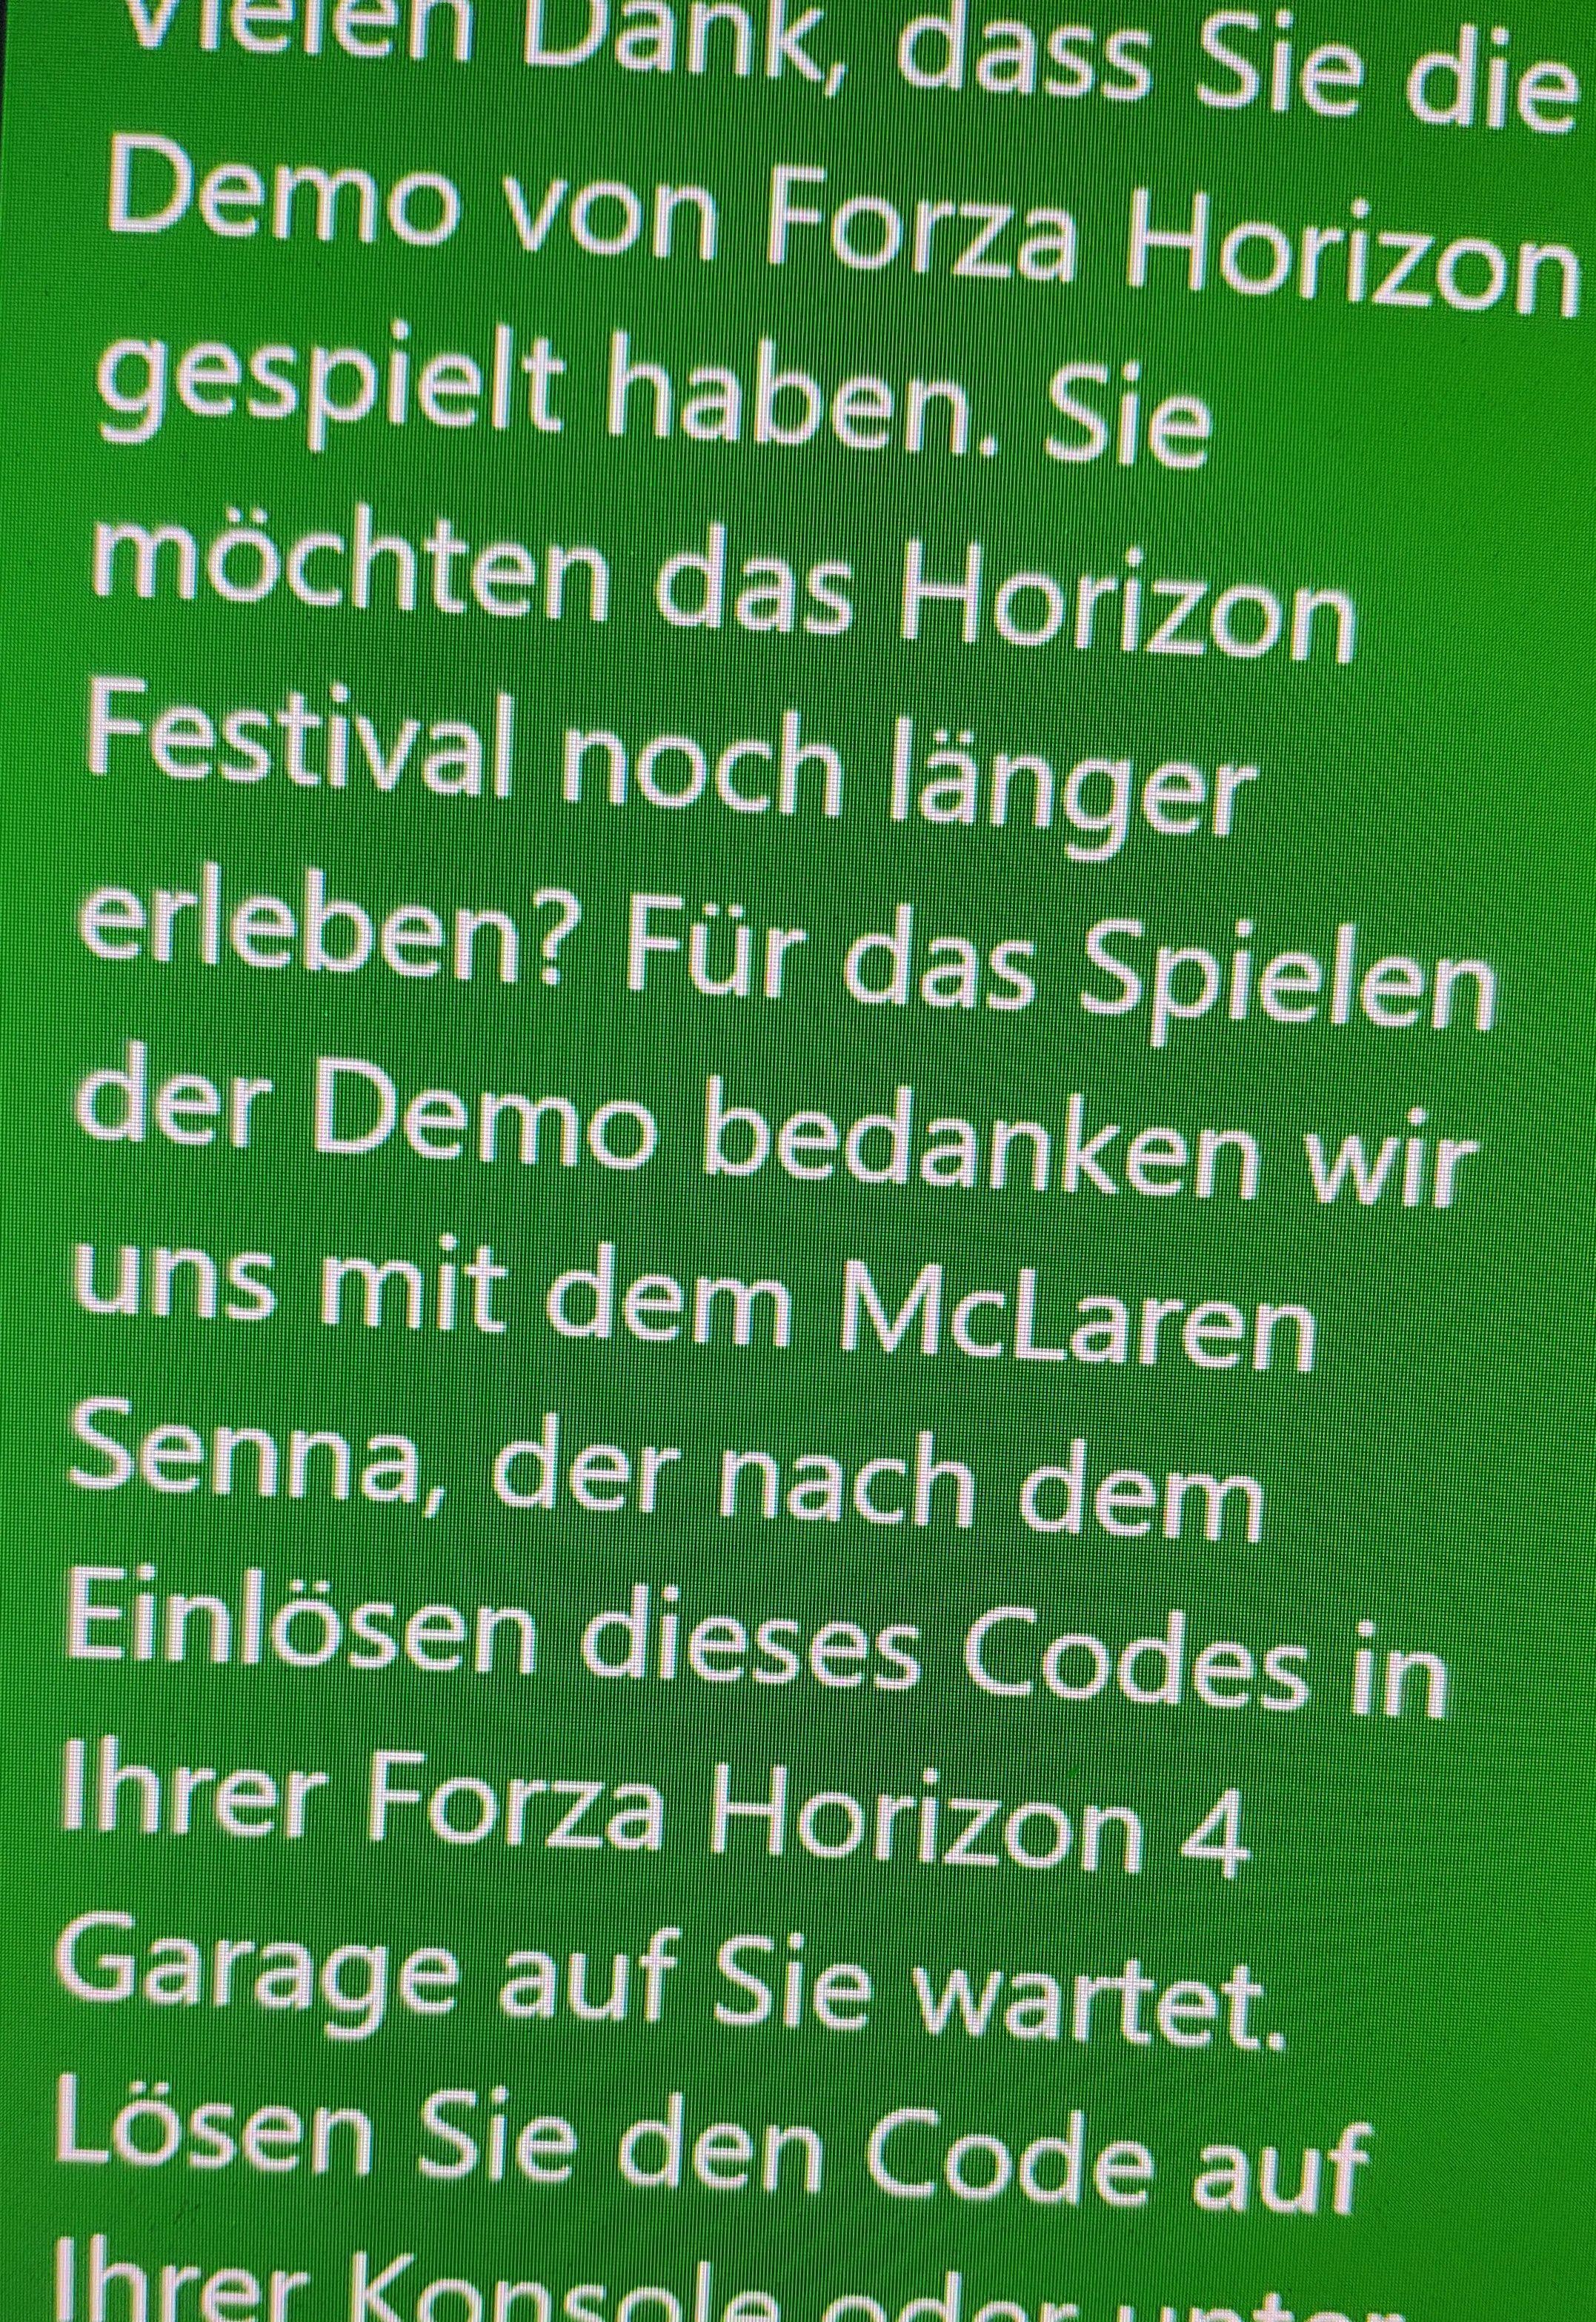 Forza Horizon 4 - Gratis Fahrzeug für alle Demospieler